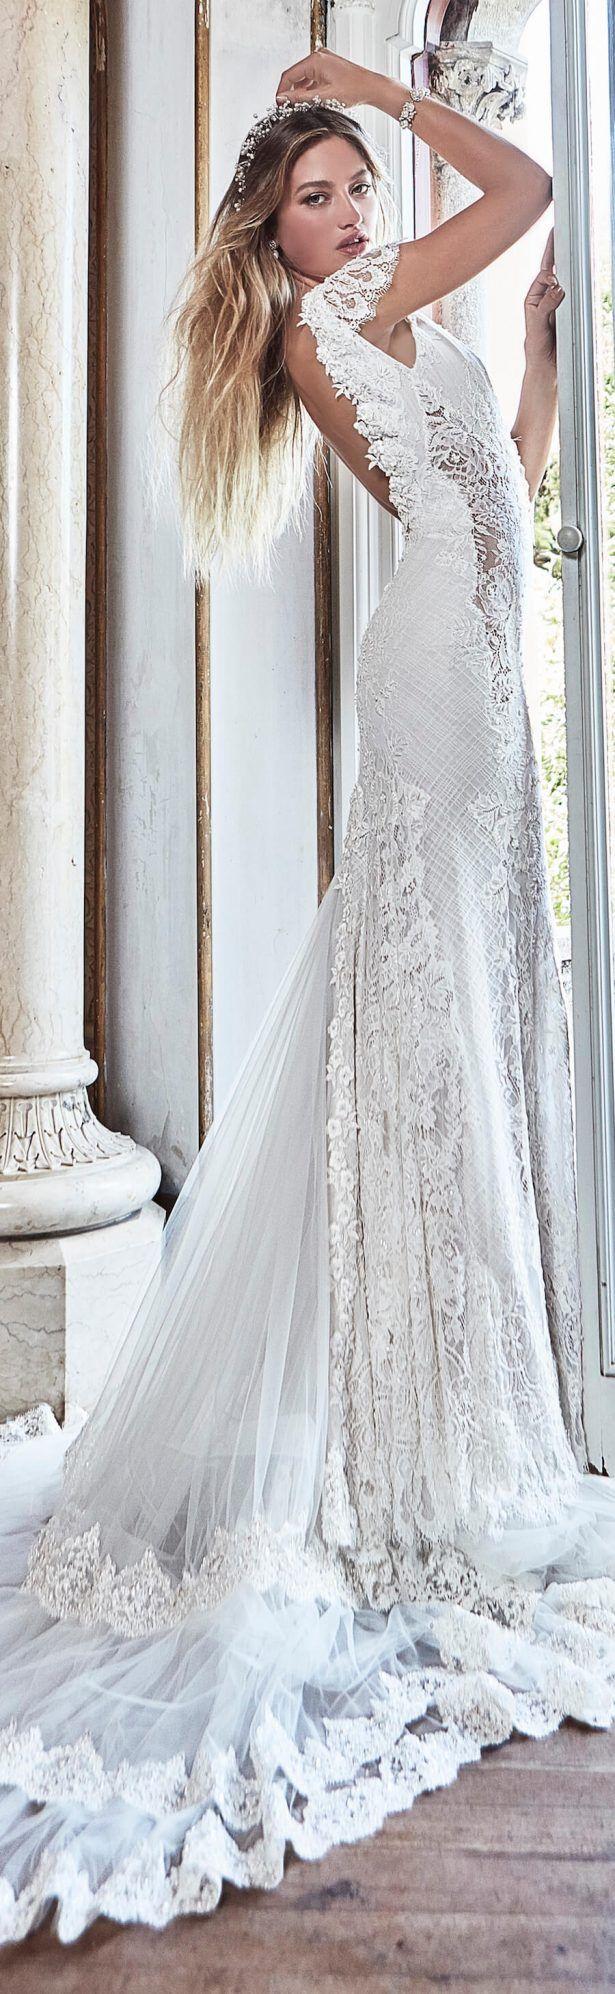 3223 besten Dress Hochzeit Bilder auf Pinterest   Hochzeitskleider ...